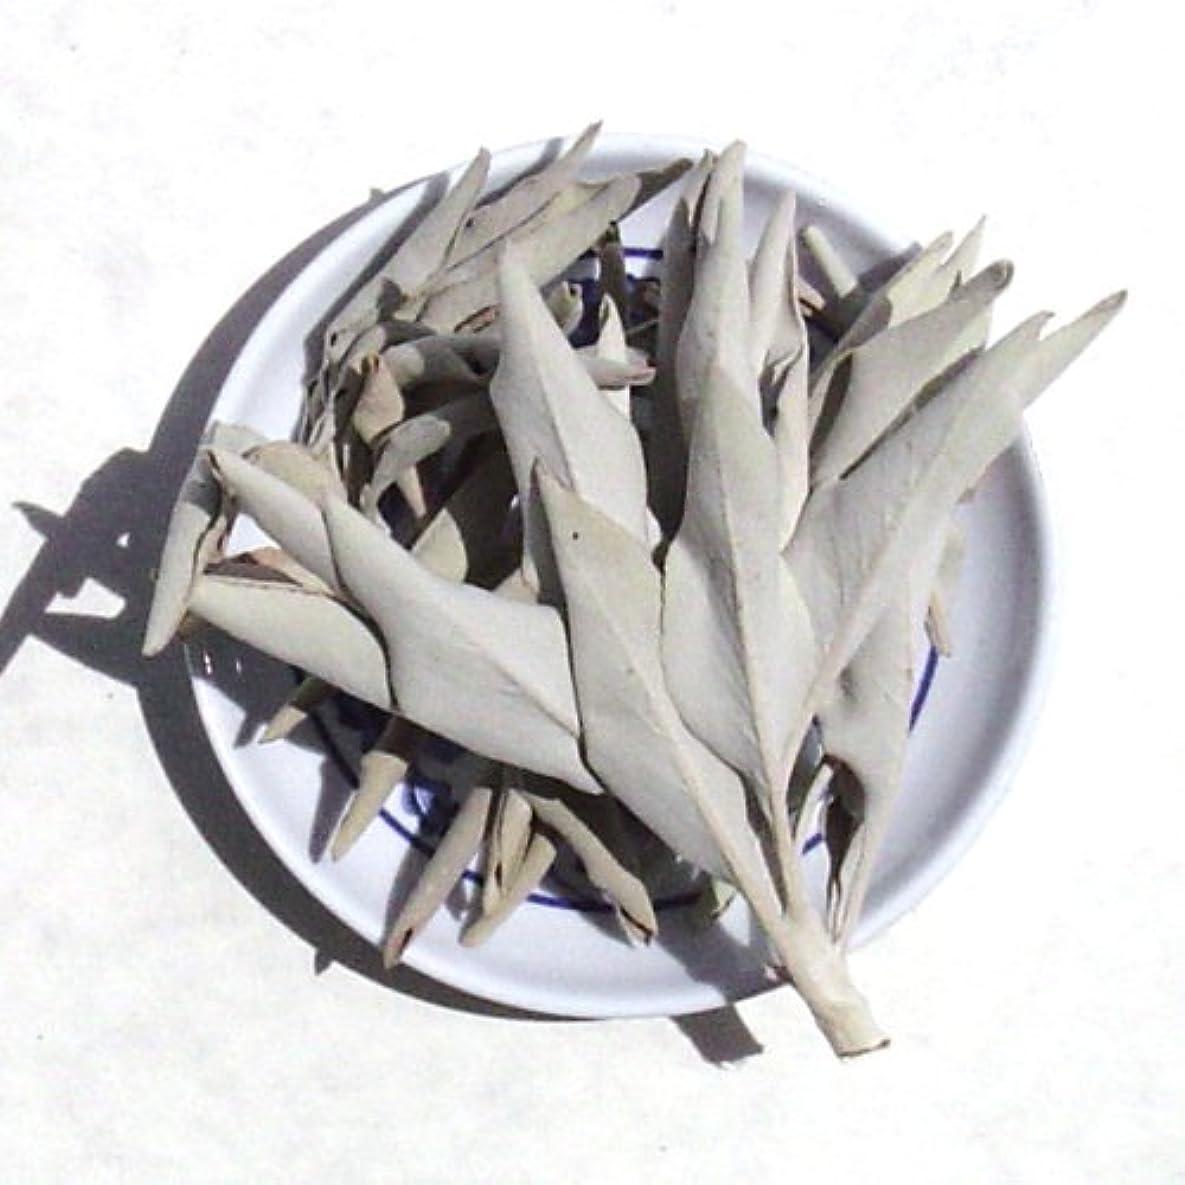 危険にさらされている息切れ違反ホワイトセージLoose Incenseクラスタ – Sold As 1ポンドパッケージ